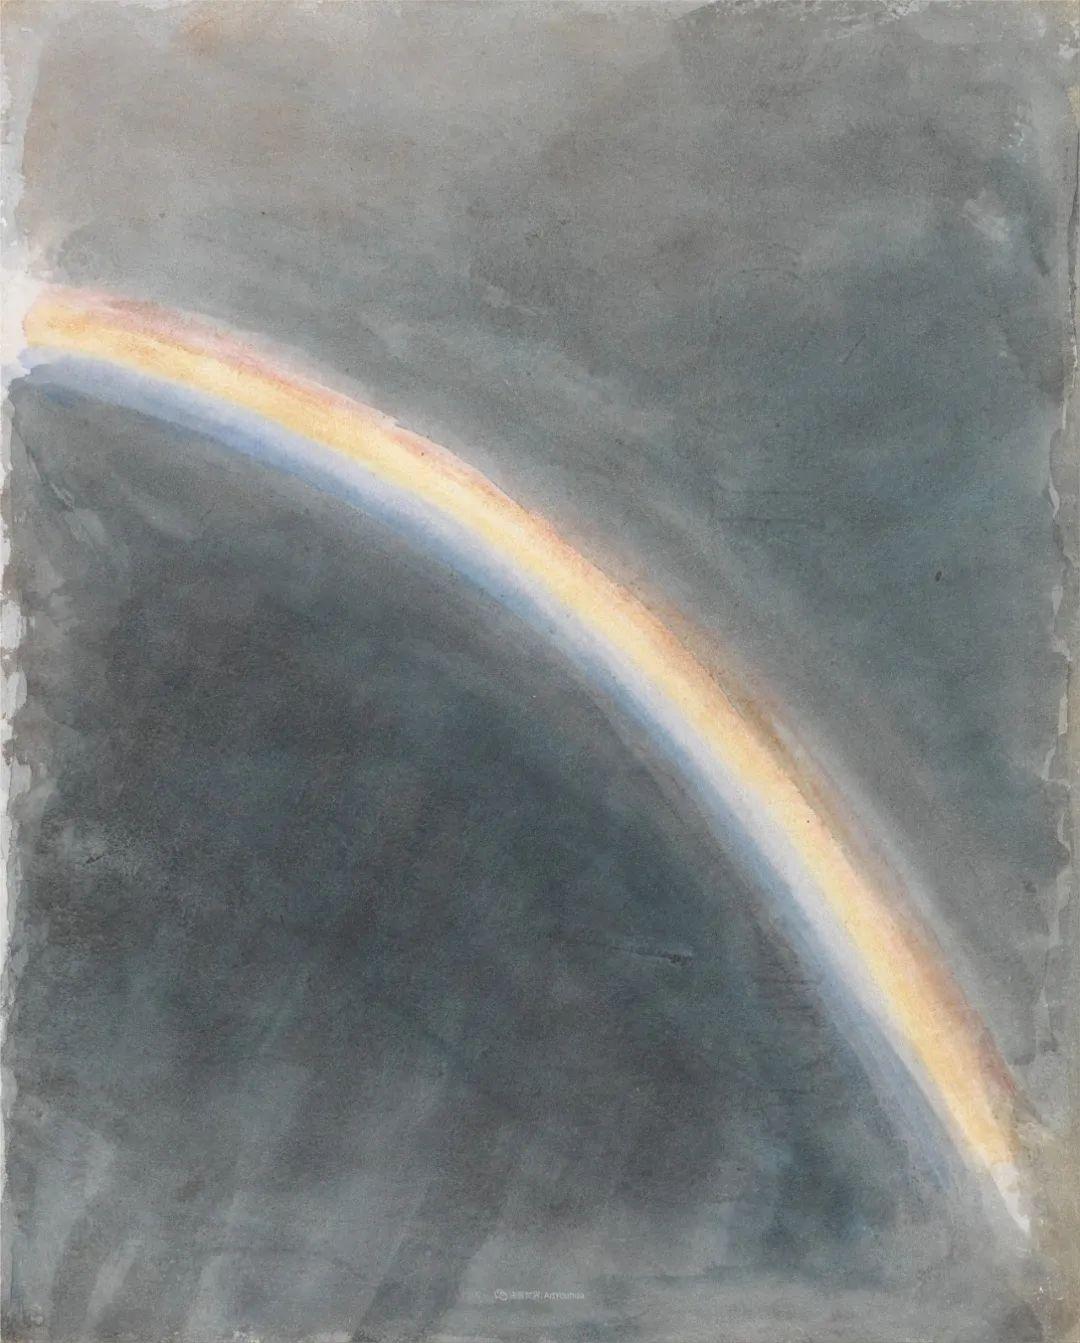 瞬息万变的云彩,来自19世纪英国最伟大的风景画家插图18